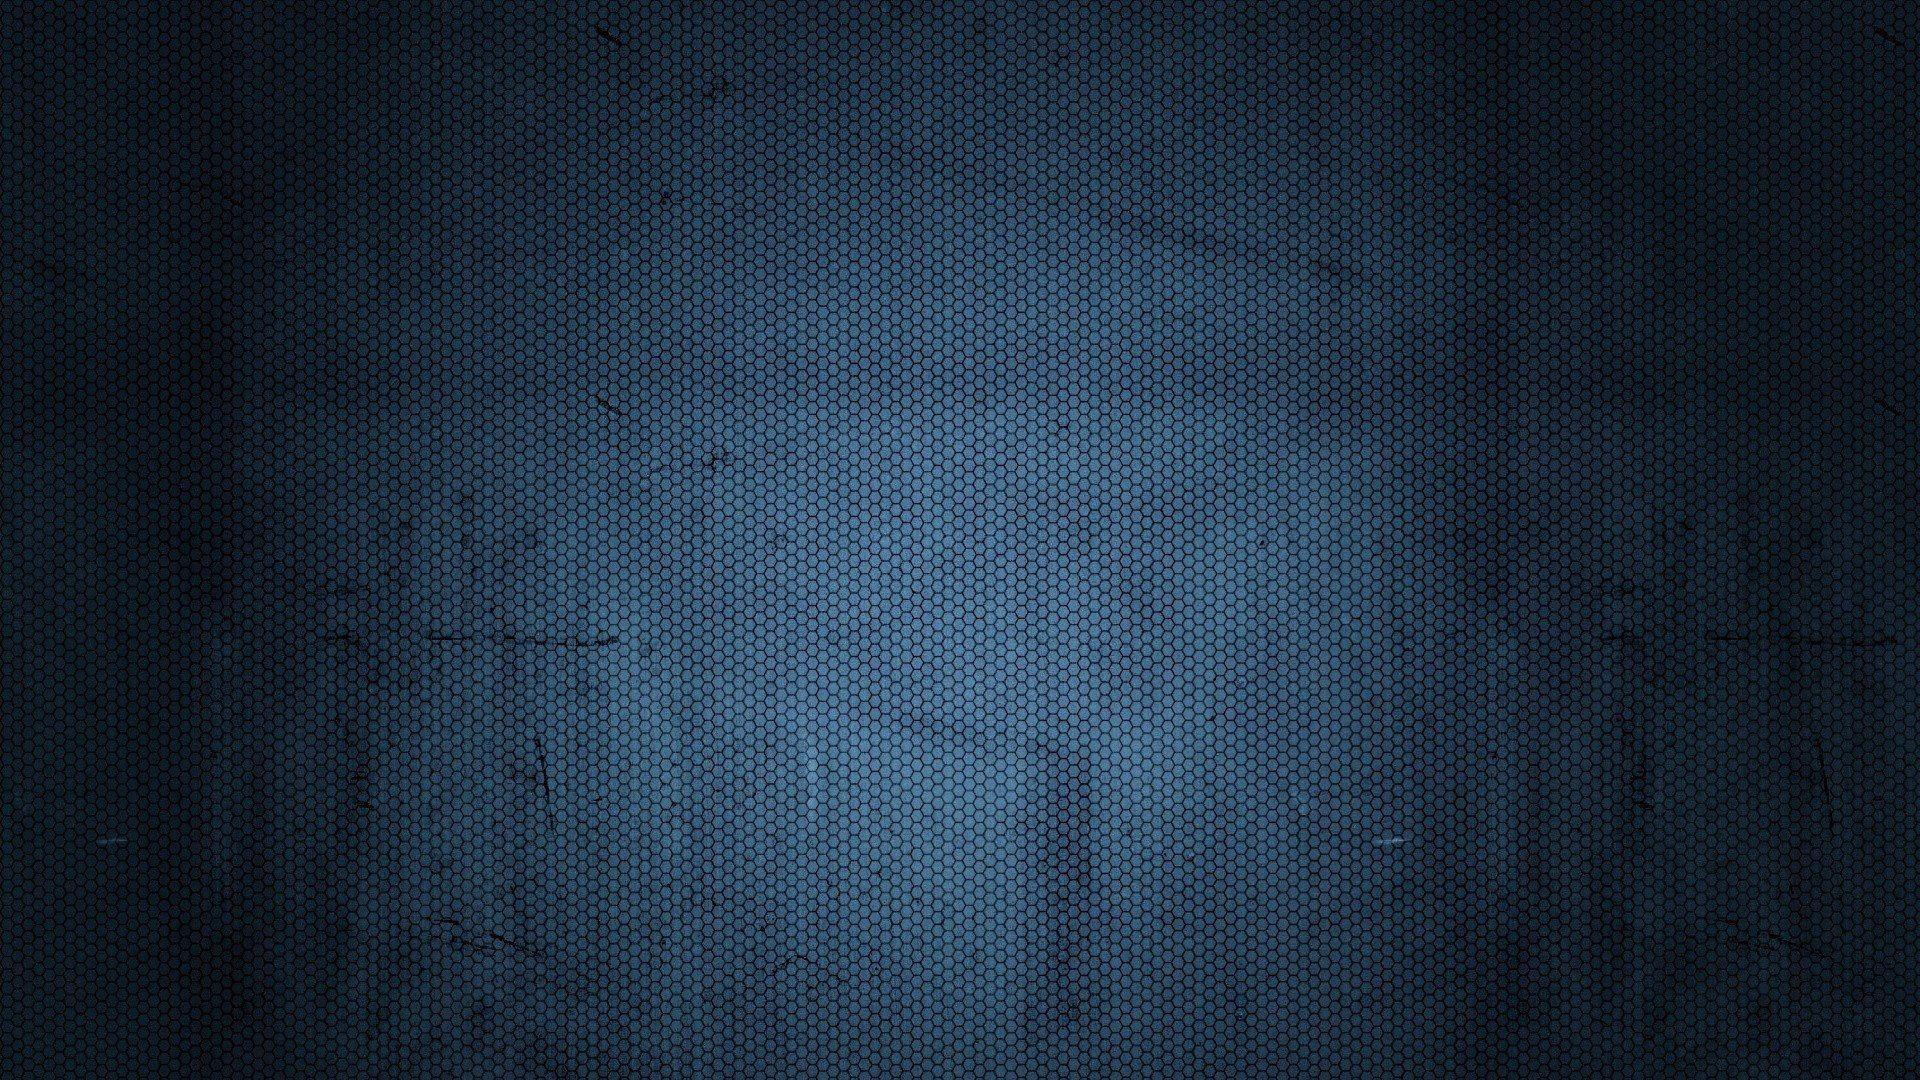 … Backgrounds Blue Dark Textures. Download